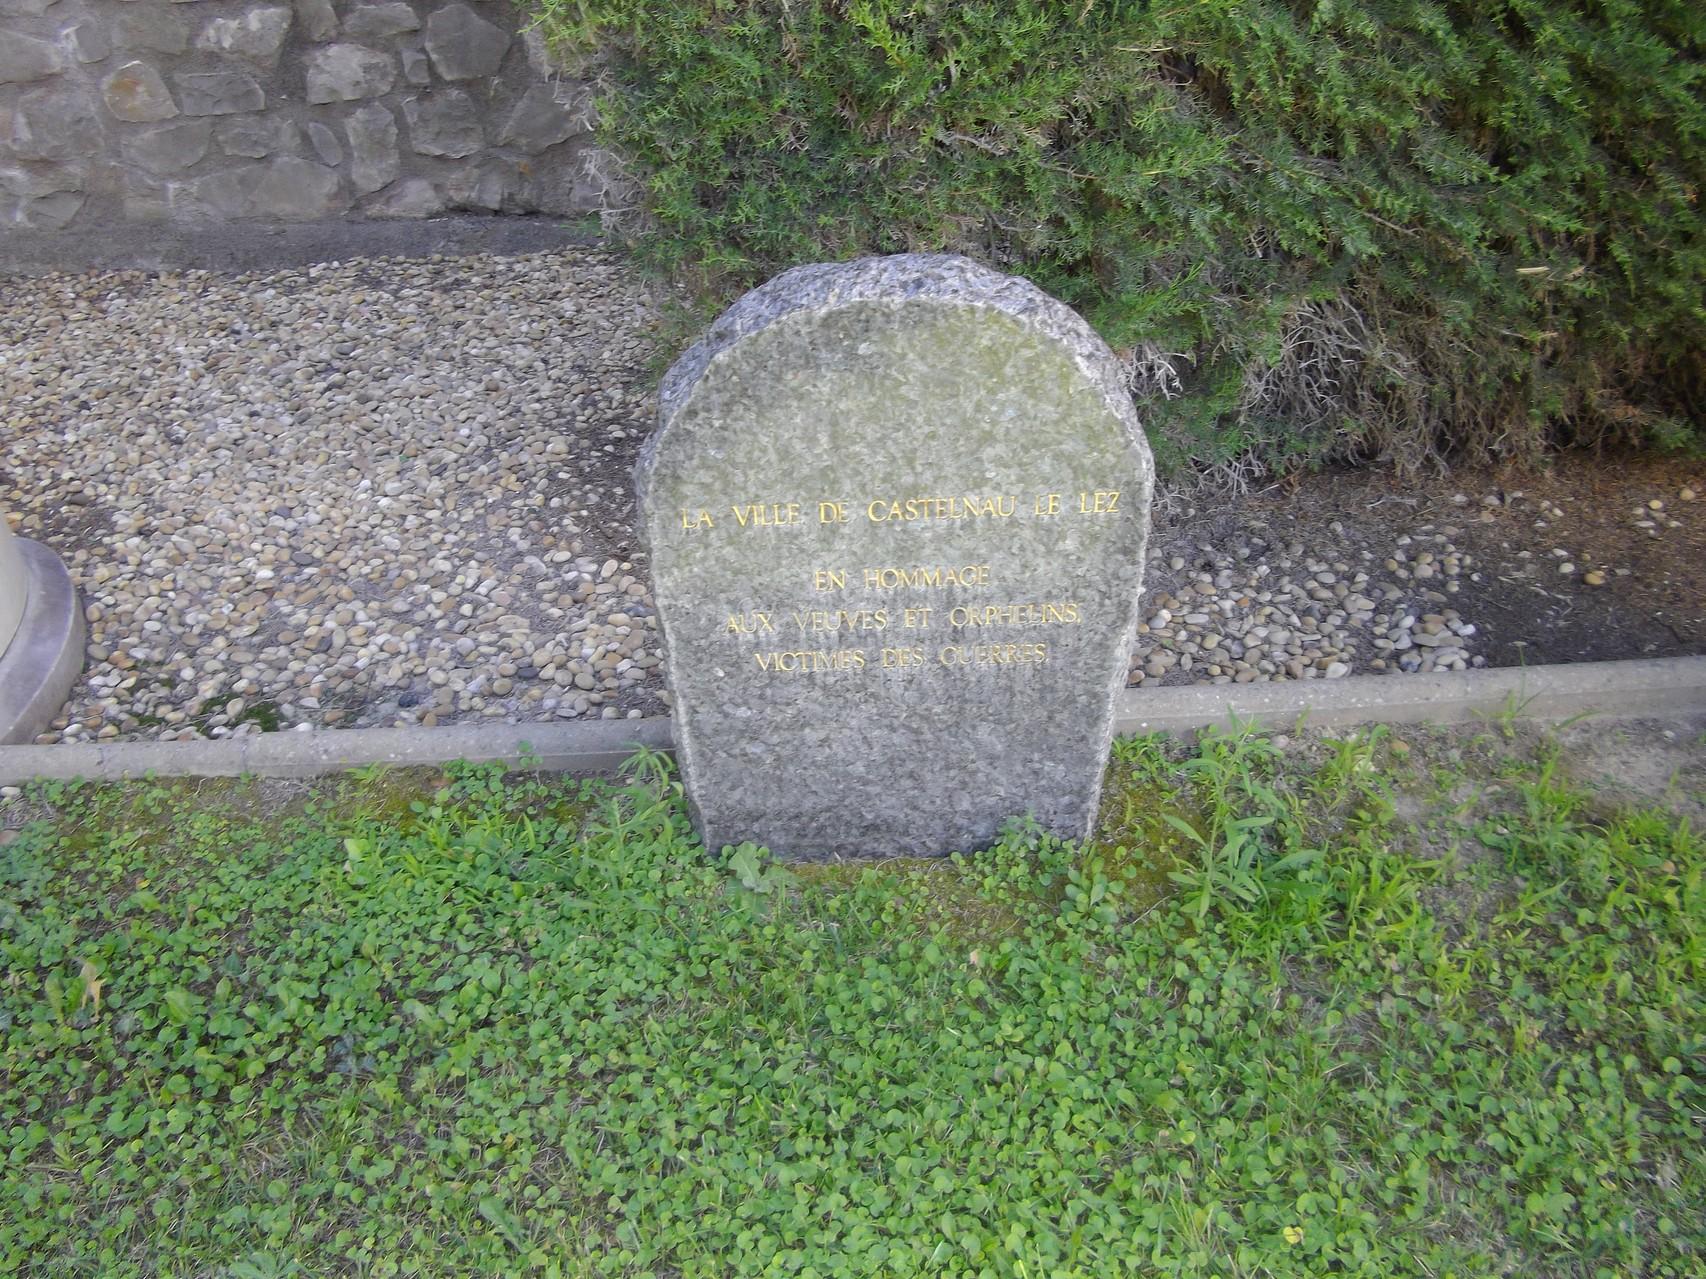 Pierre tombale en hommage aux veuves et orphelins de Castelnau le Lez